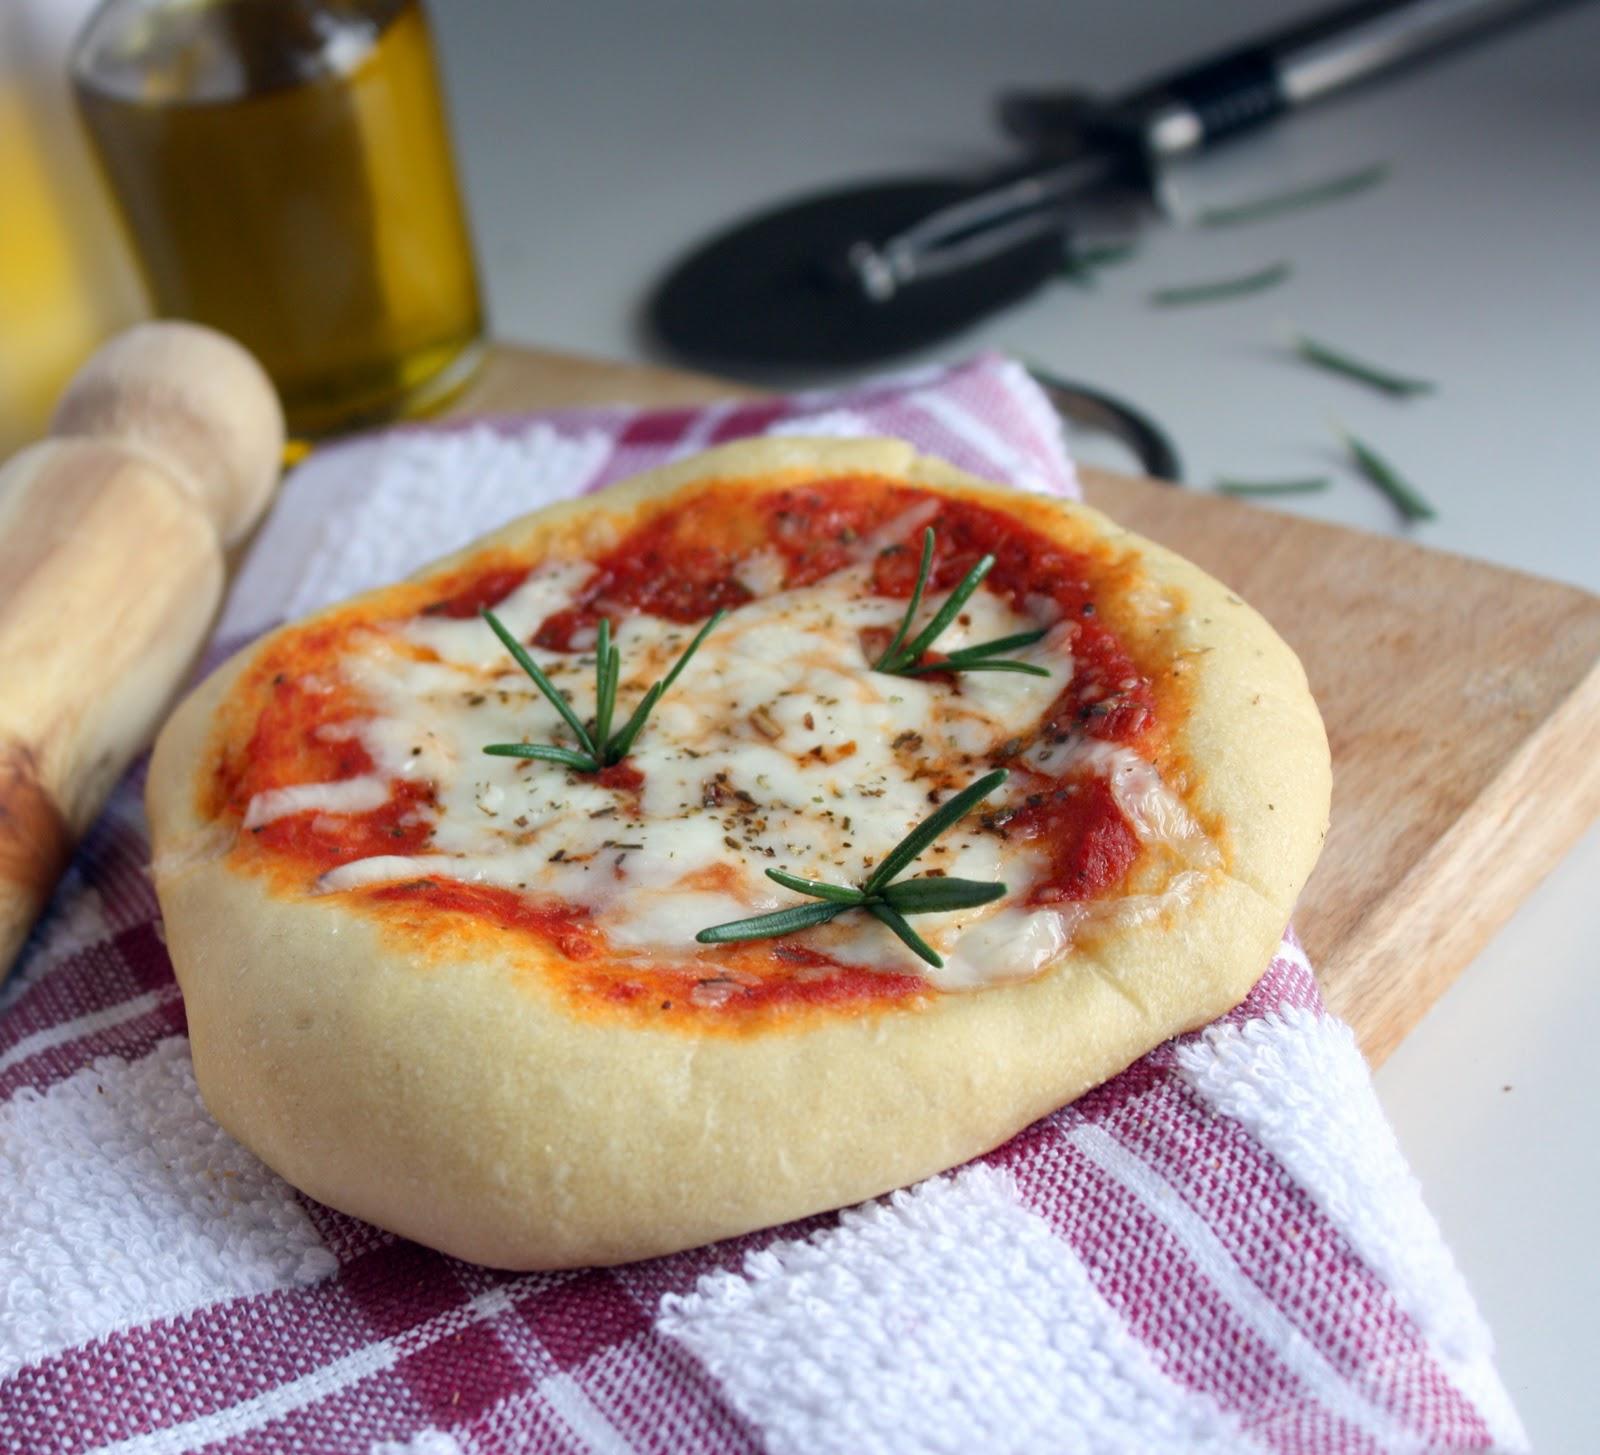 how to cook italian pizza Cook - traduzione del vocabolo e dei suoi composti, e discussioni del forum.